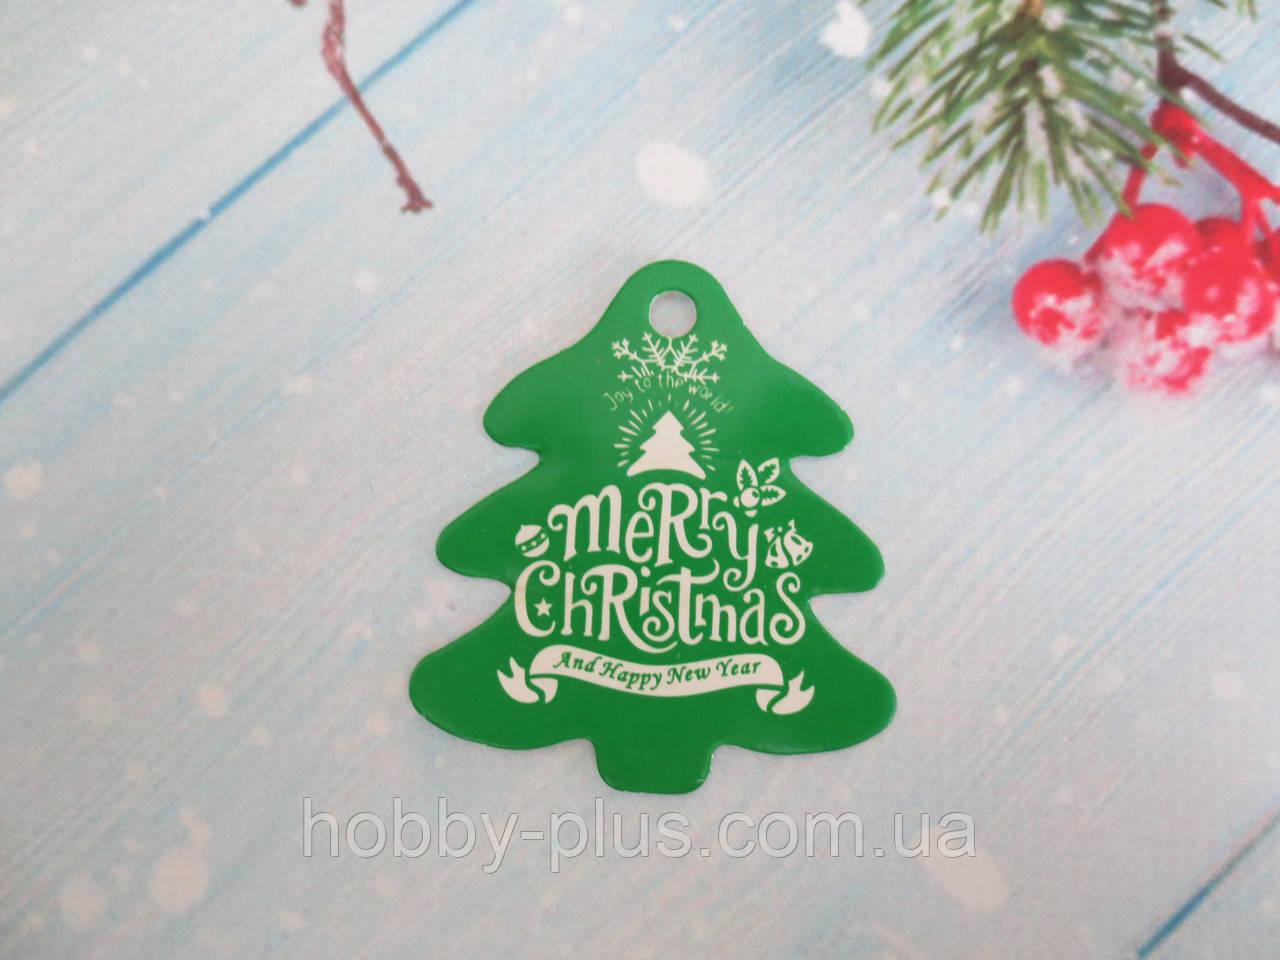 """Новогодняя бирка """"Merry Christmas and Happy New Year"""", 55х50 мм, 1 шт"""